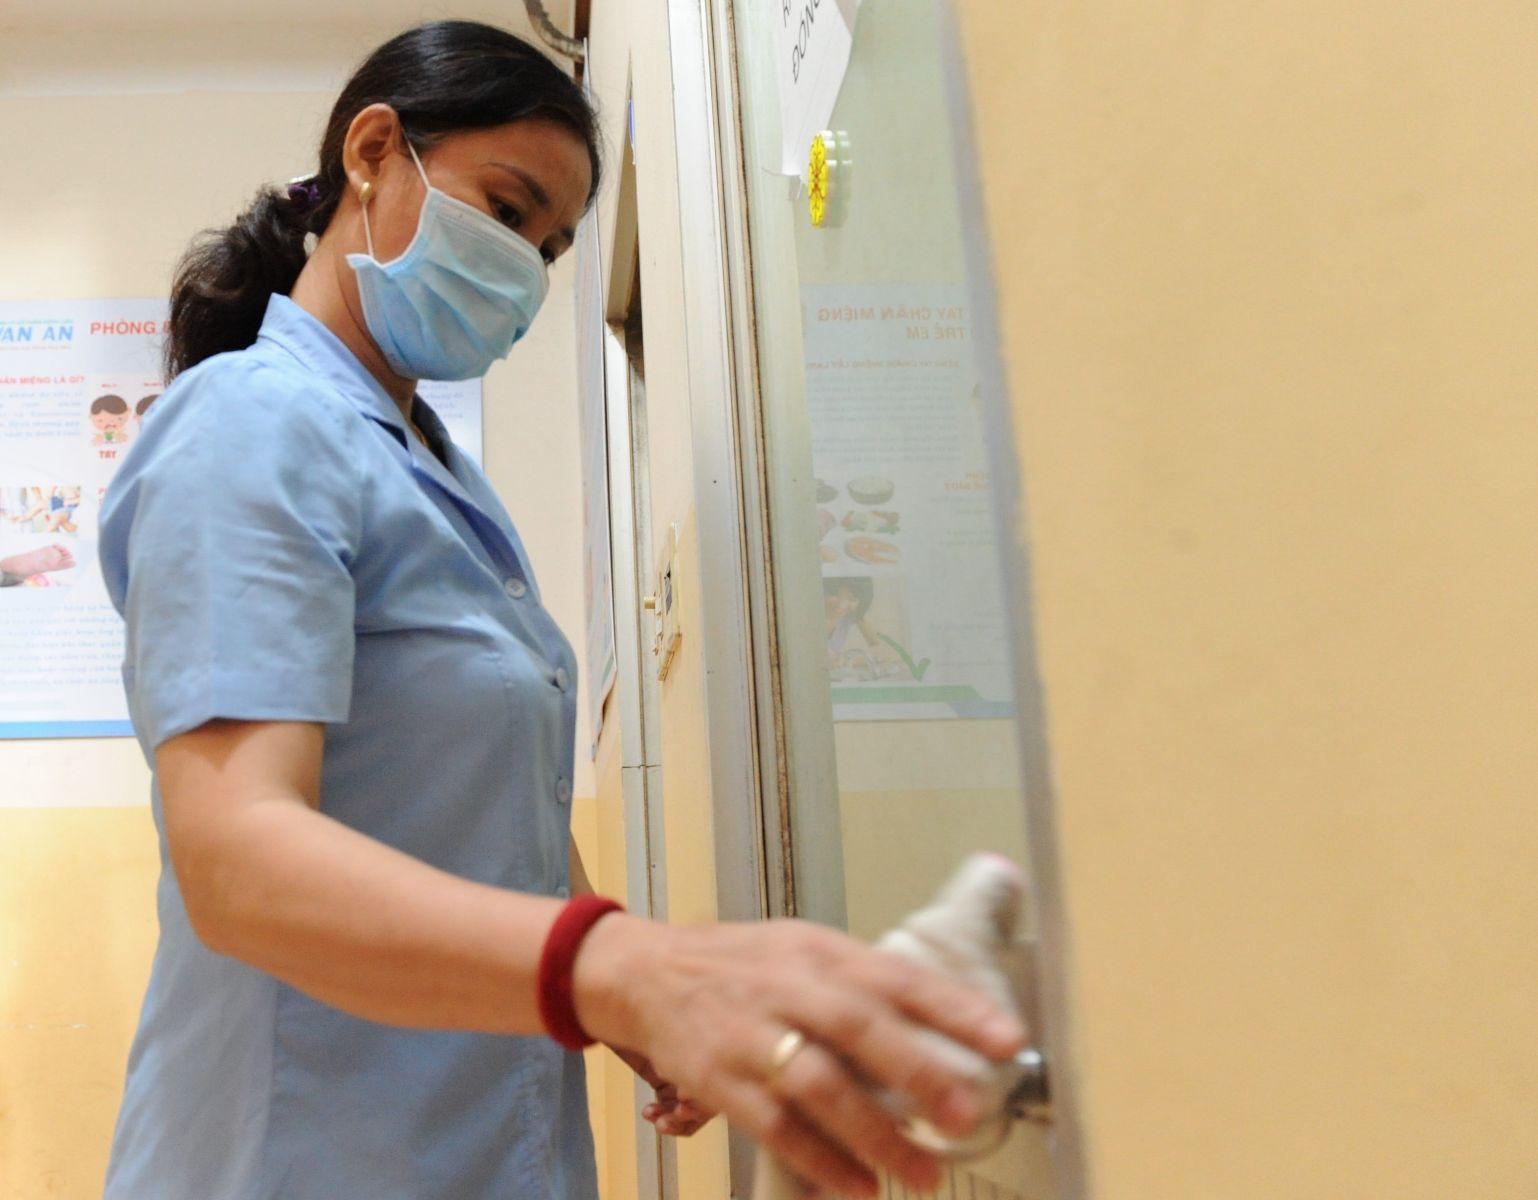 Cần thường xuyên vệ sinh các bề mặt, tay nắm cửa để phòng bệnh